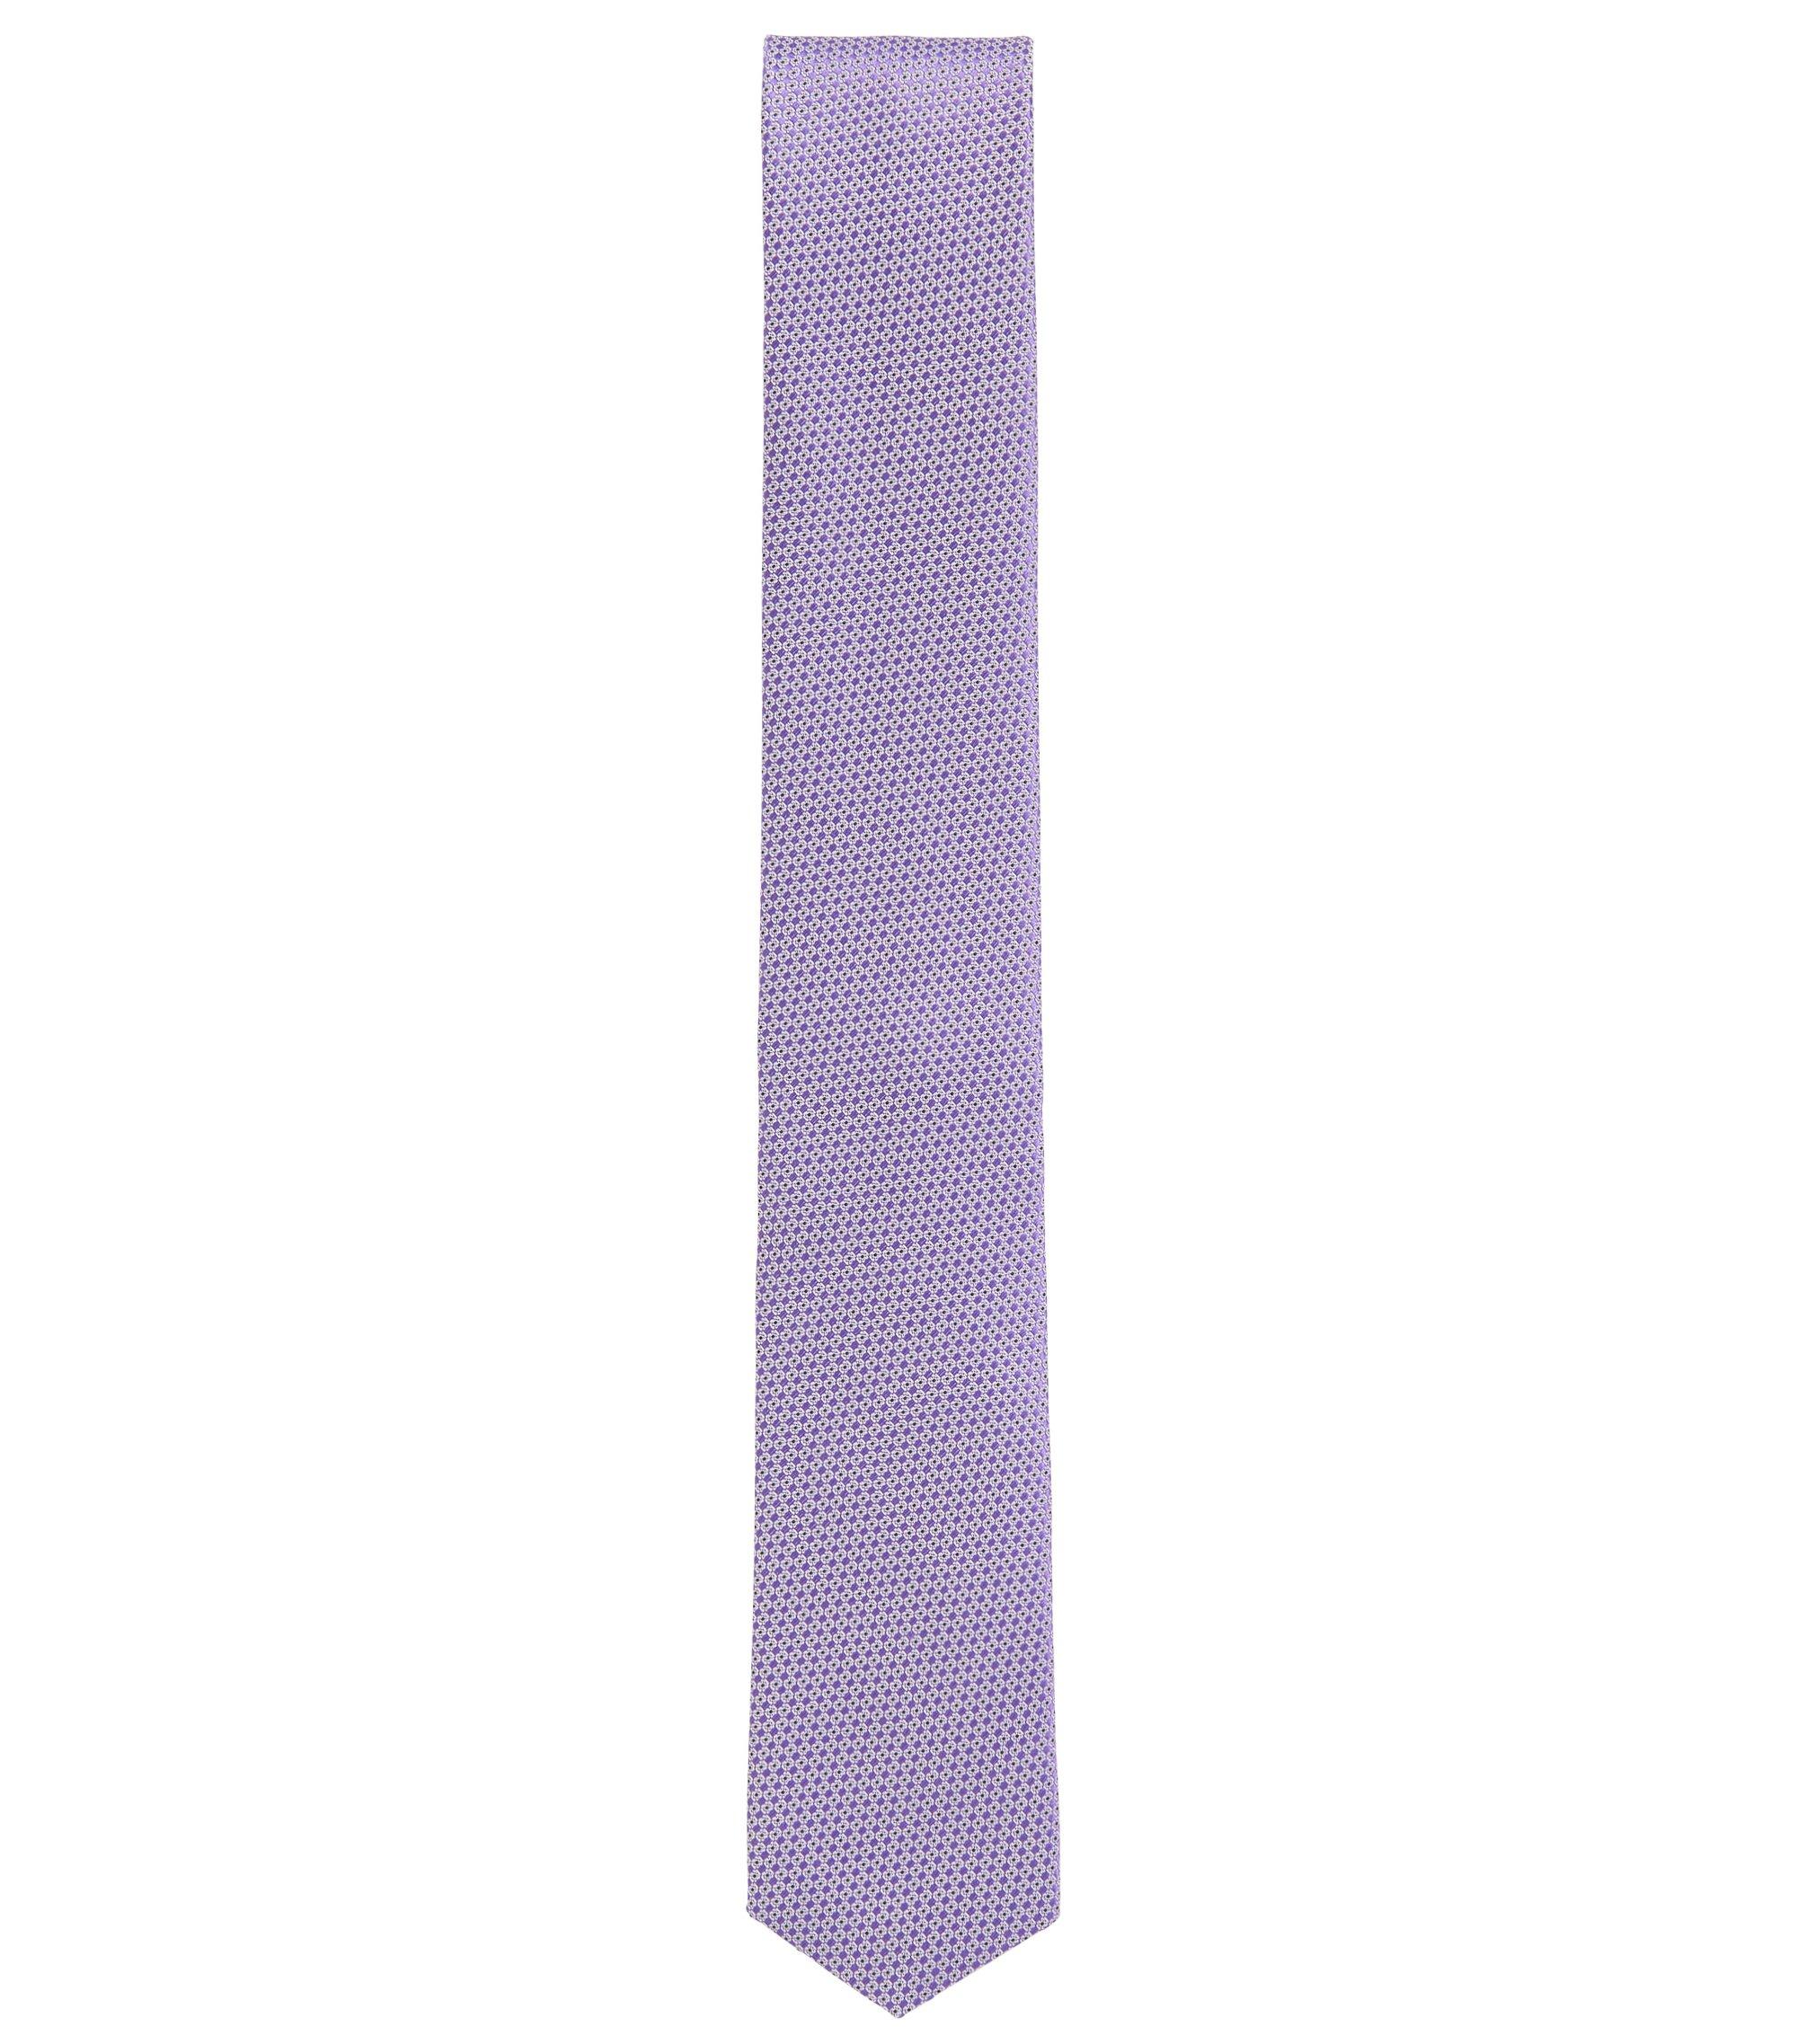 Gemusterte Krawatte aus wasserabweisender Seide, Lila